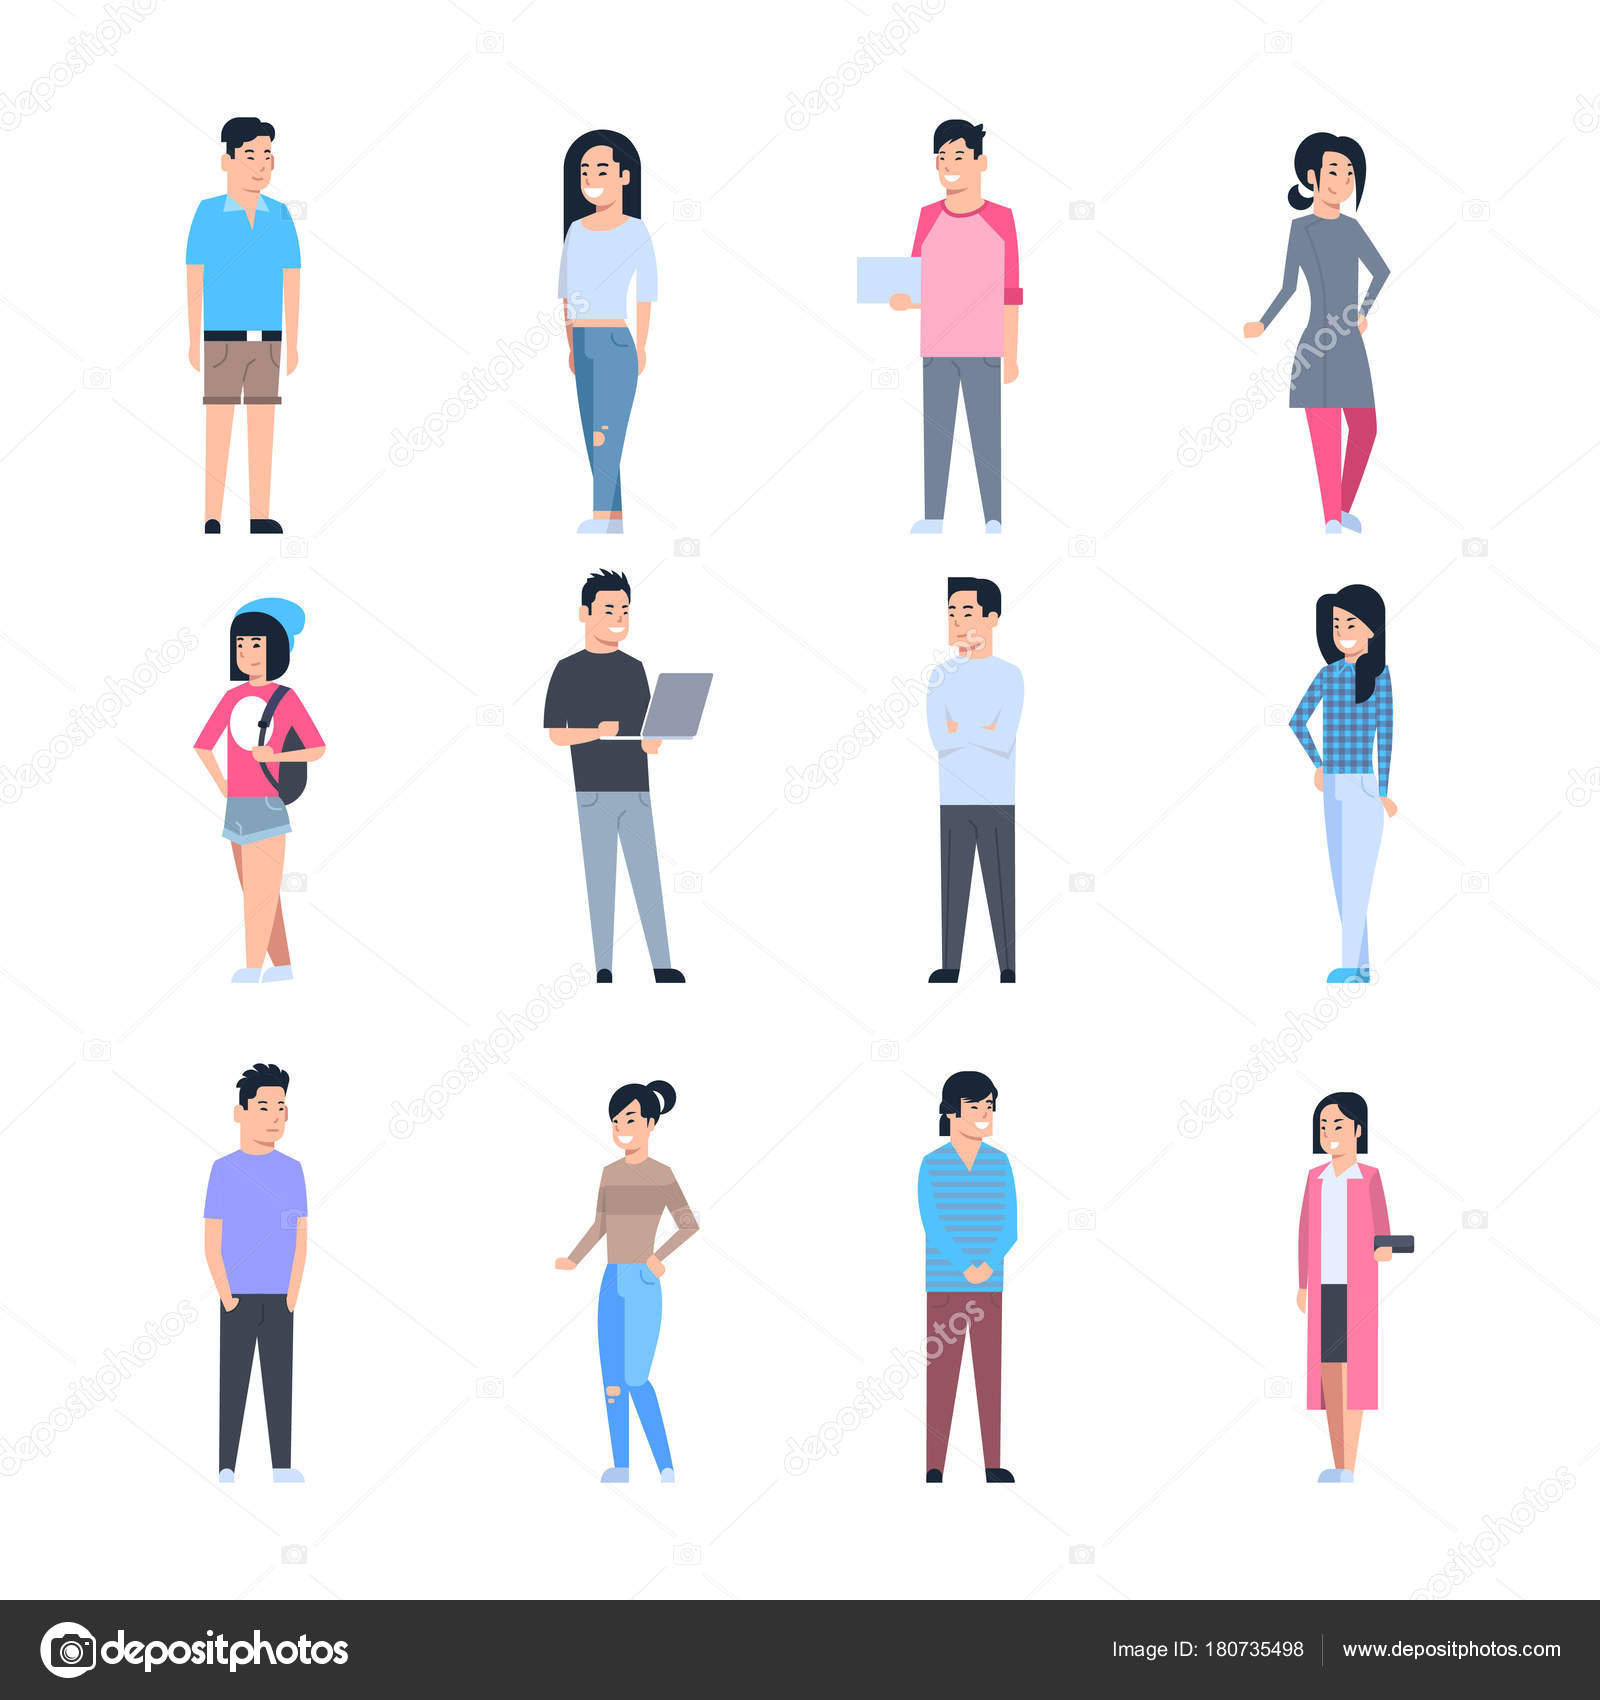 f462776f1 Iconos de mujeres y hombres asiáticos jóvenes establecen a personas ...